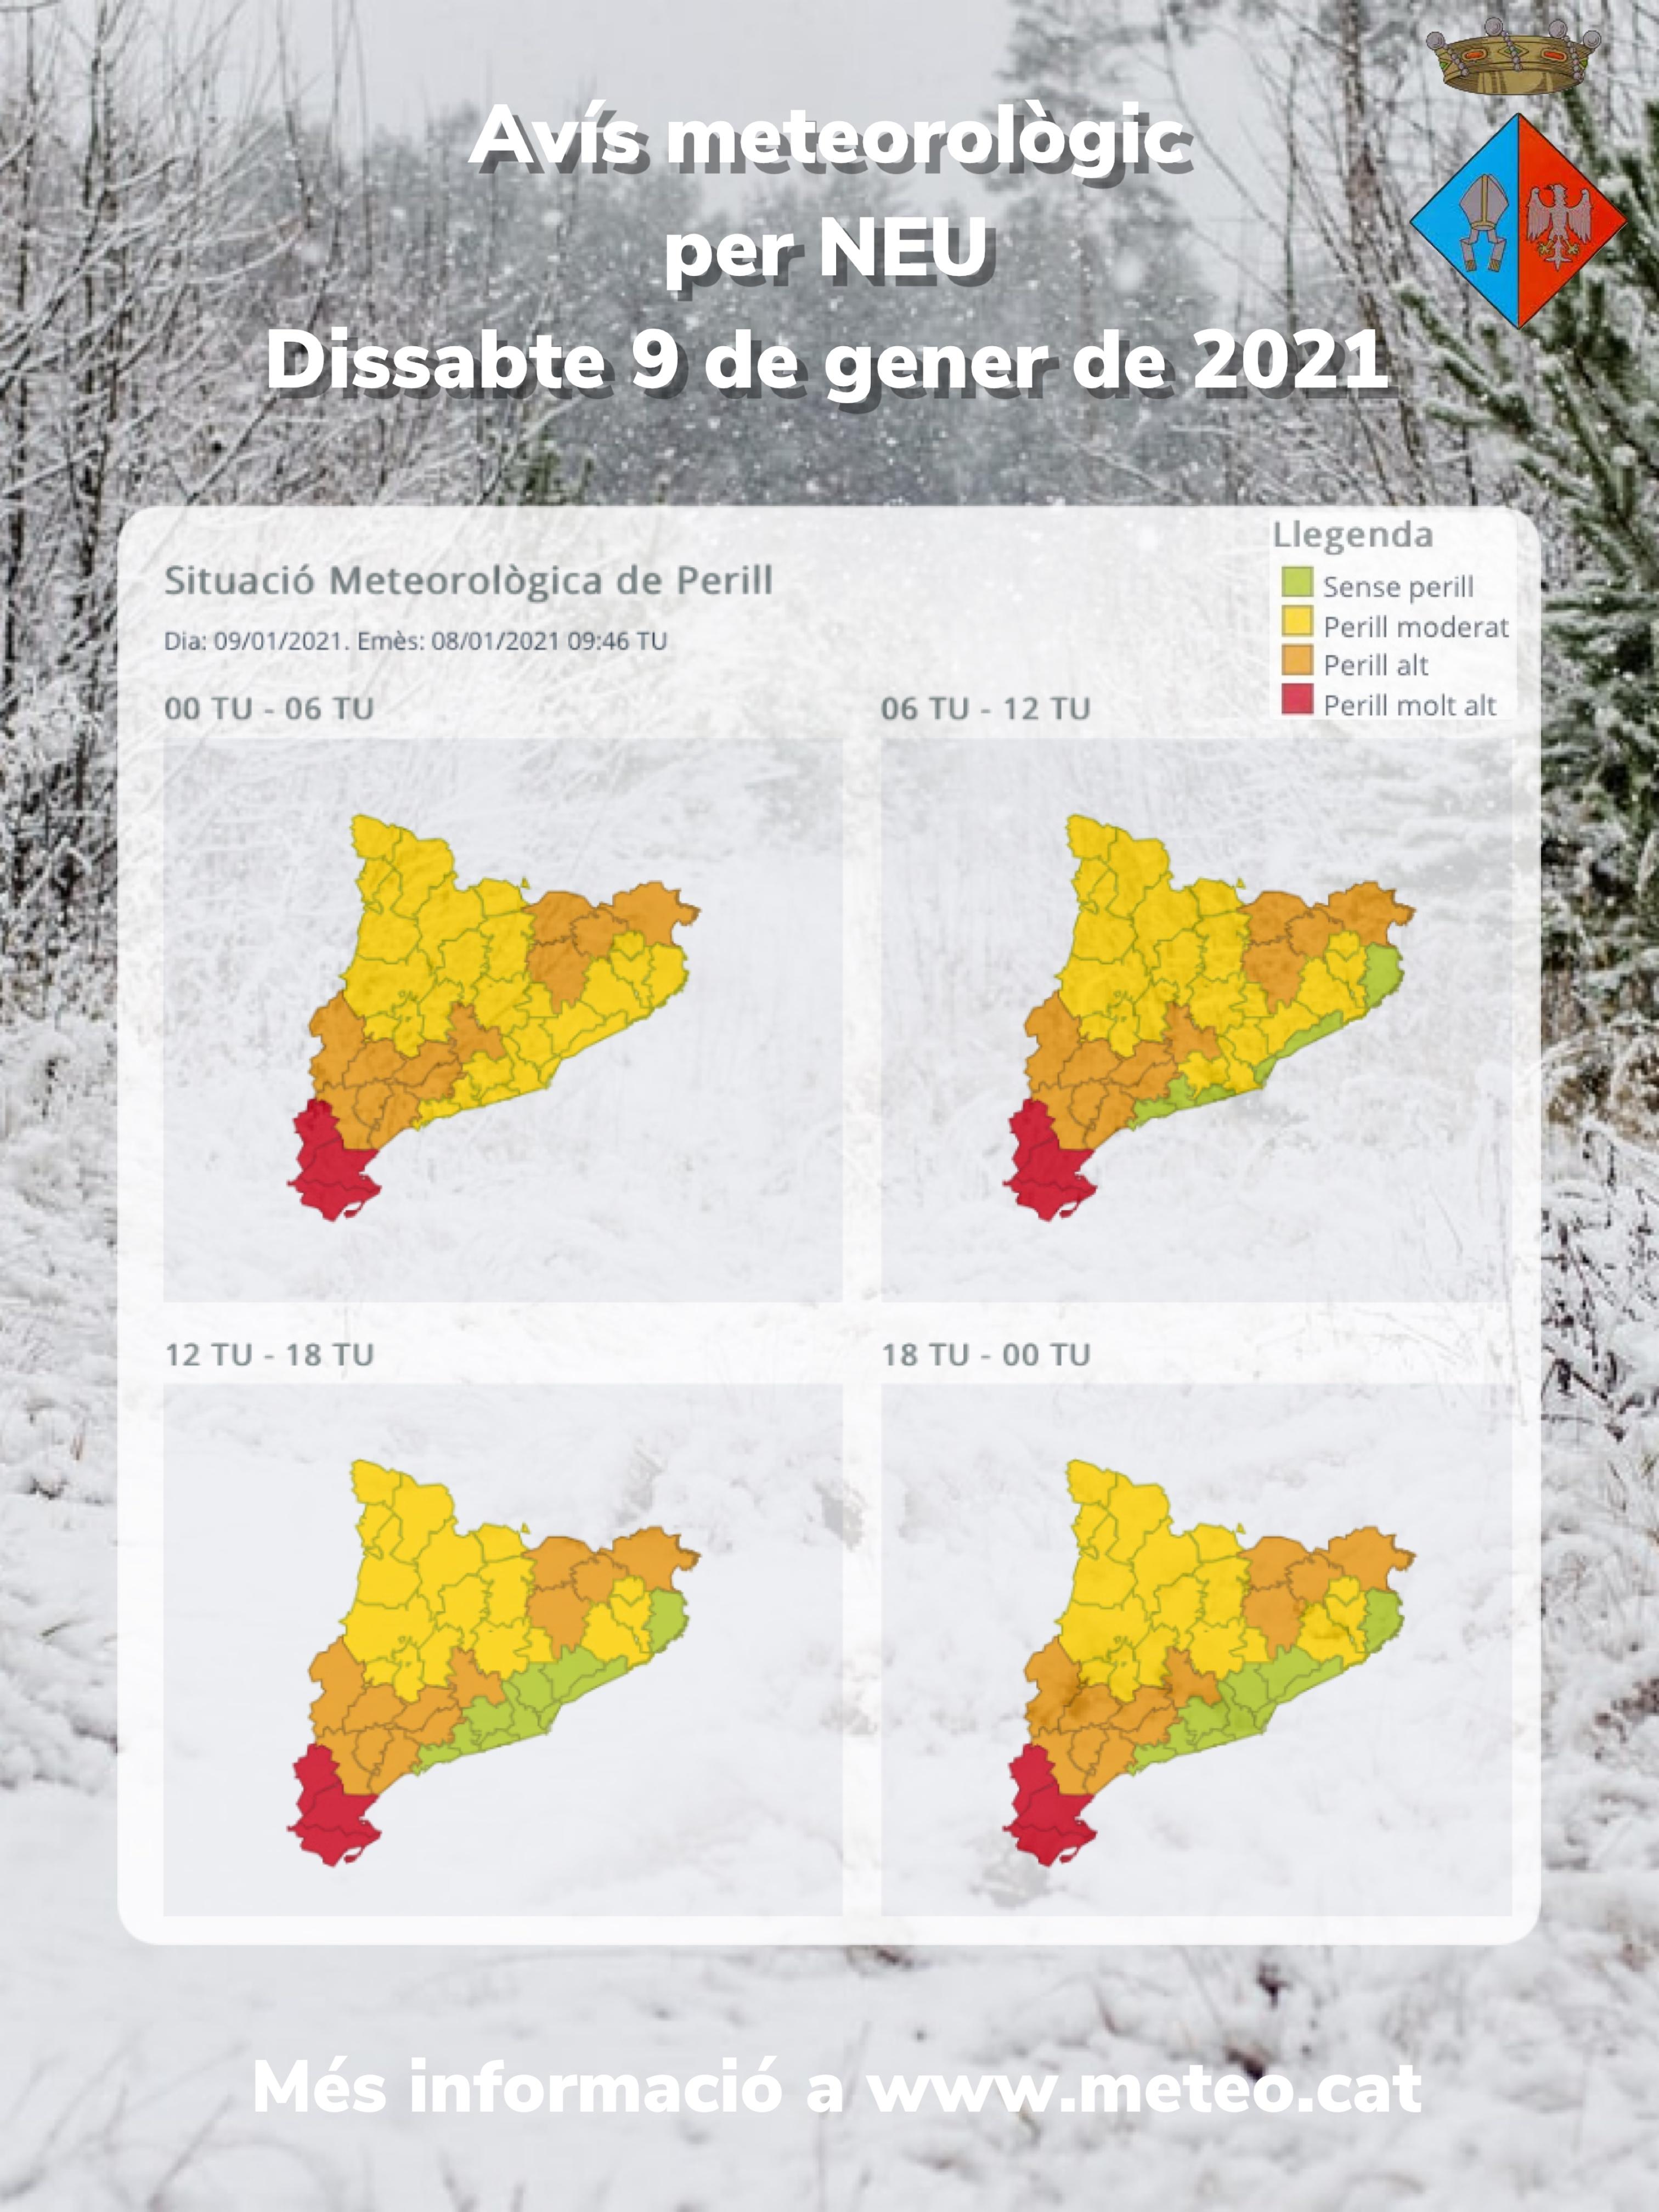 Situació meteorològica de perill: previsió de nevades per al dissabte 9 de gener